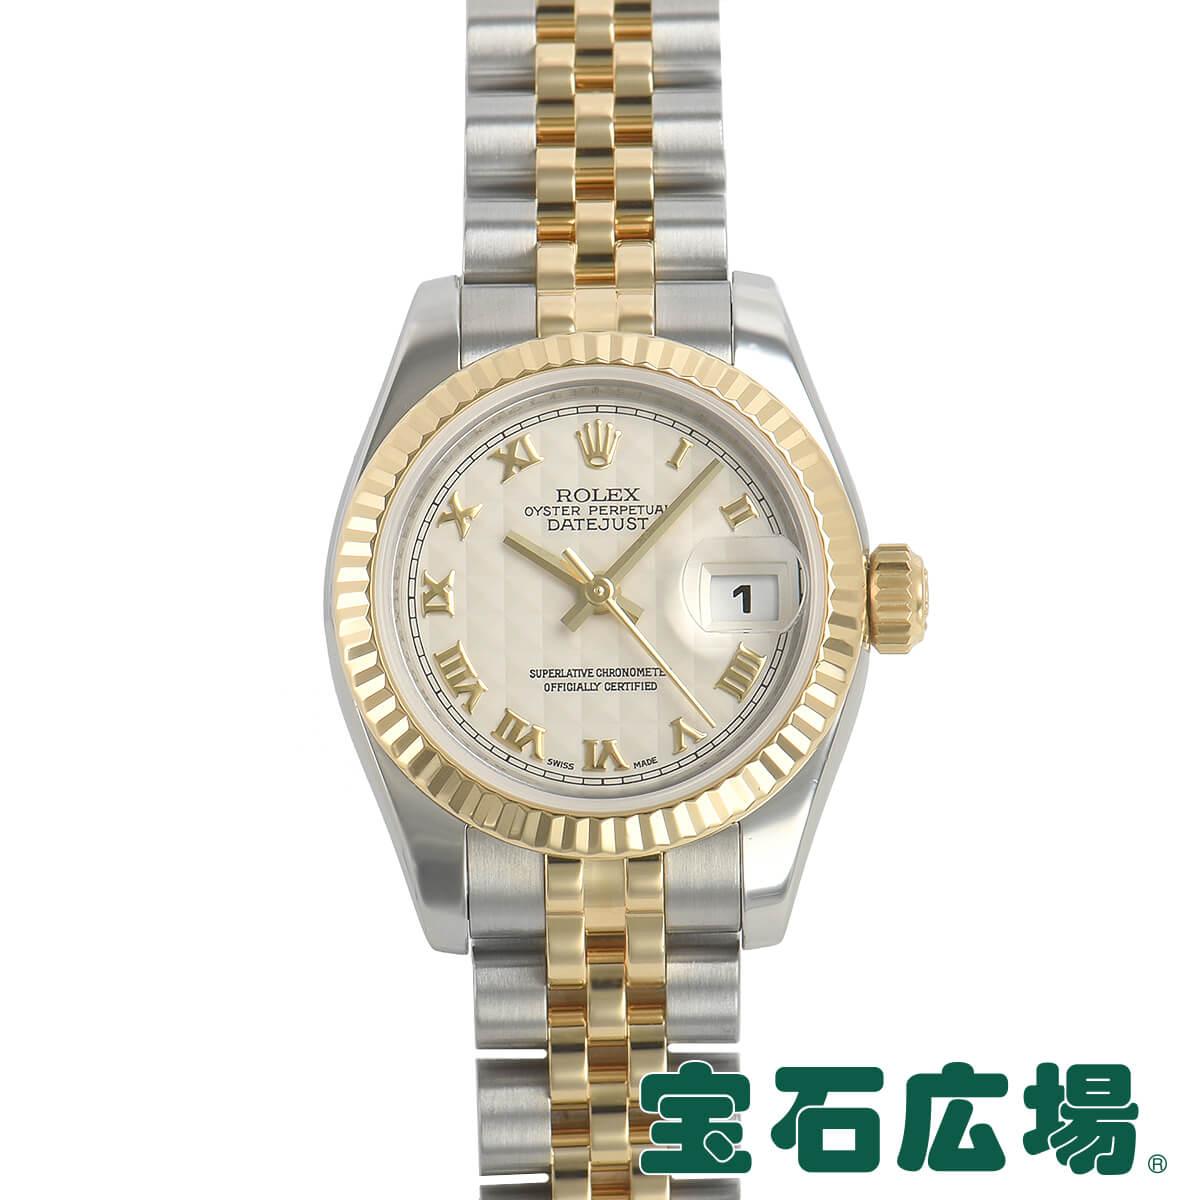 ロレックス ROLEX デイトジャスト 179173【中古】レディース 腕時計 送料・代引手数料無料